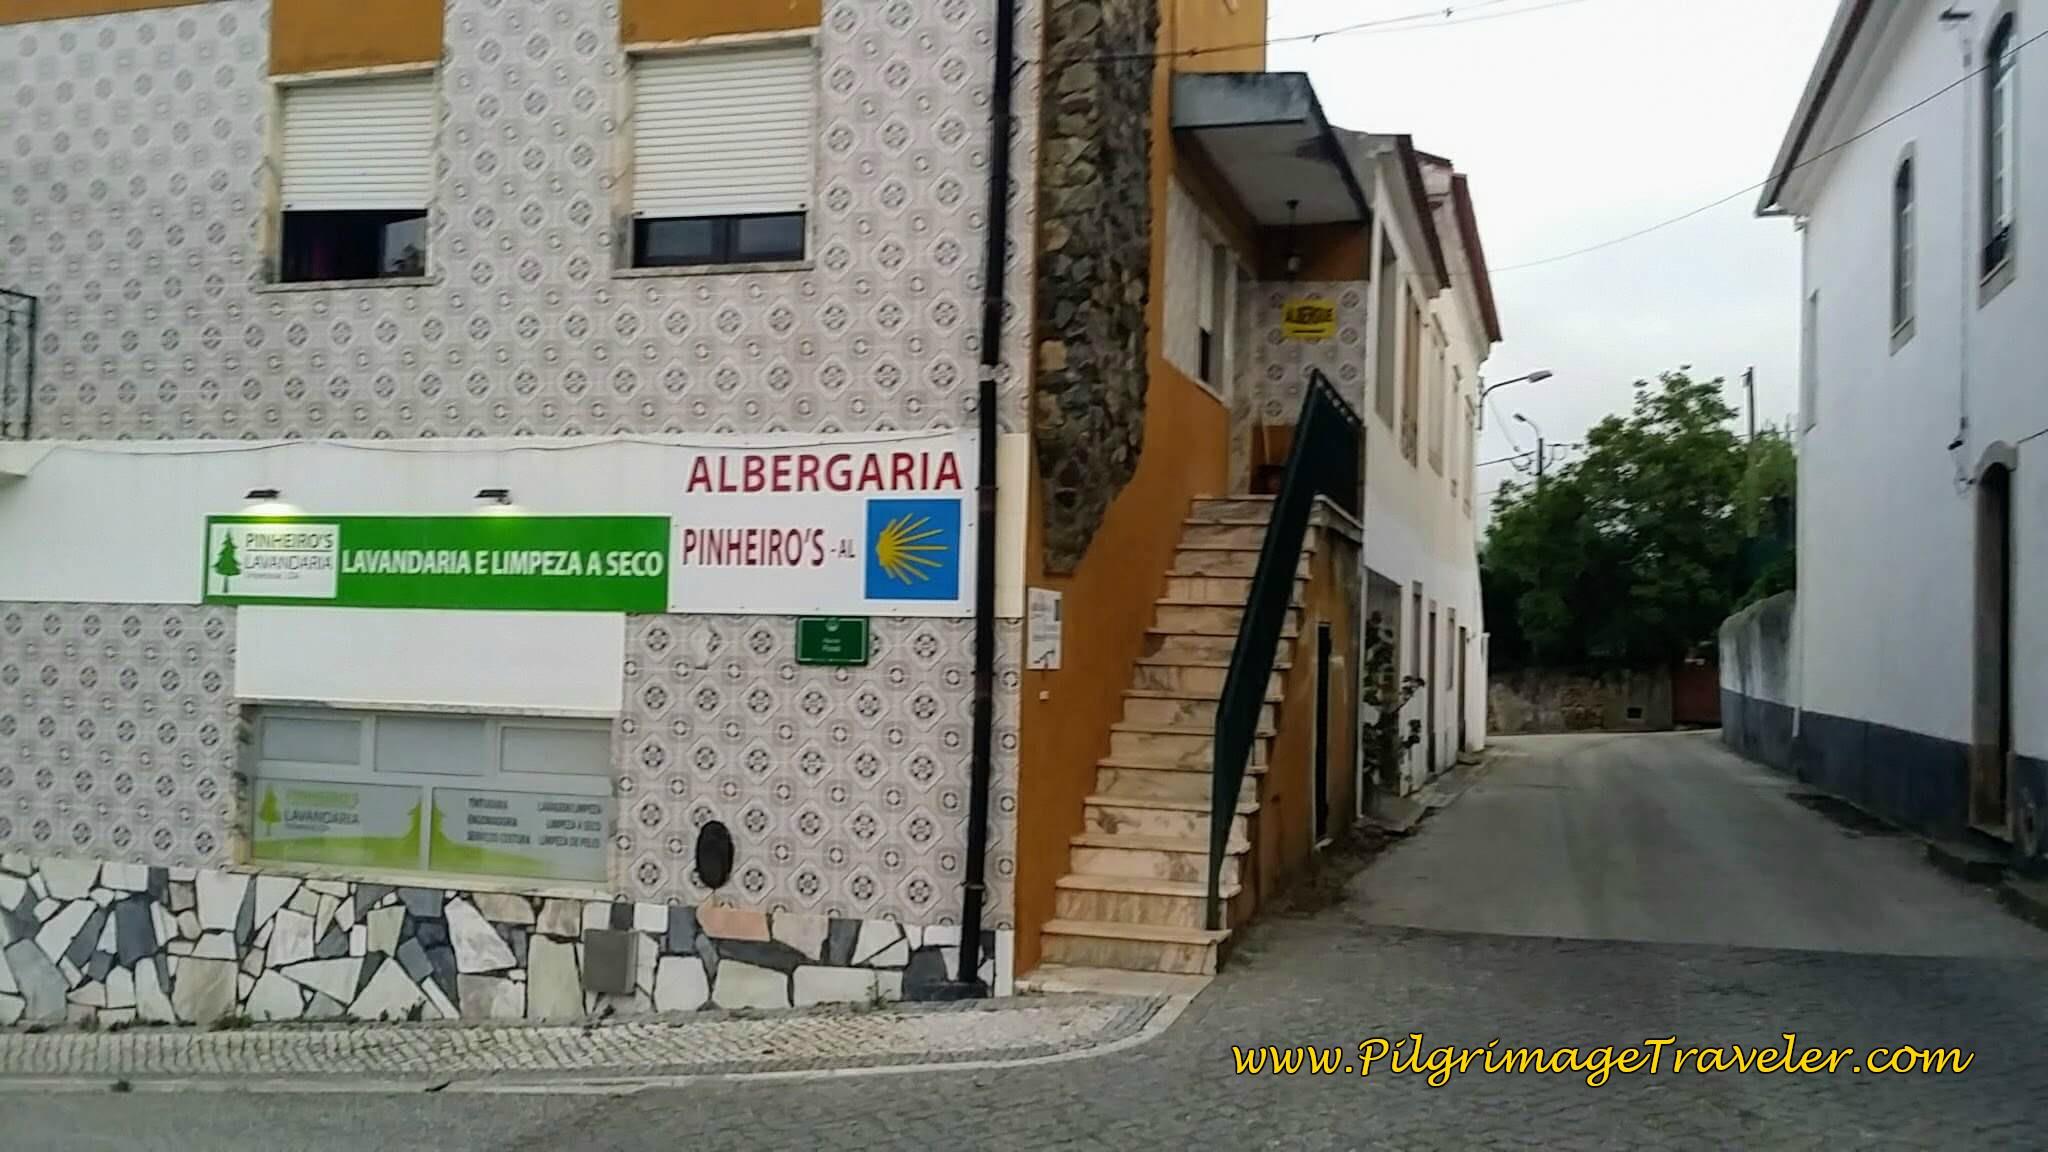 Albergaria Pinheiros, Alvazaiãre, Portugal